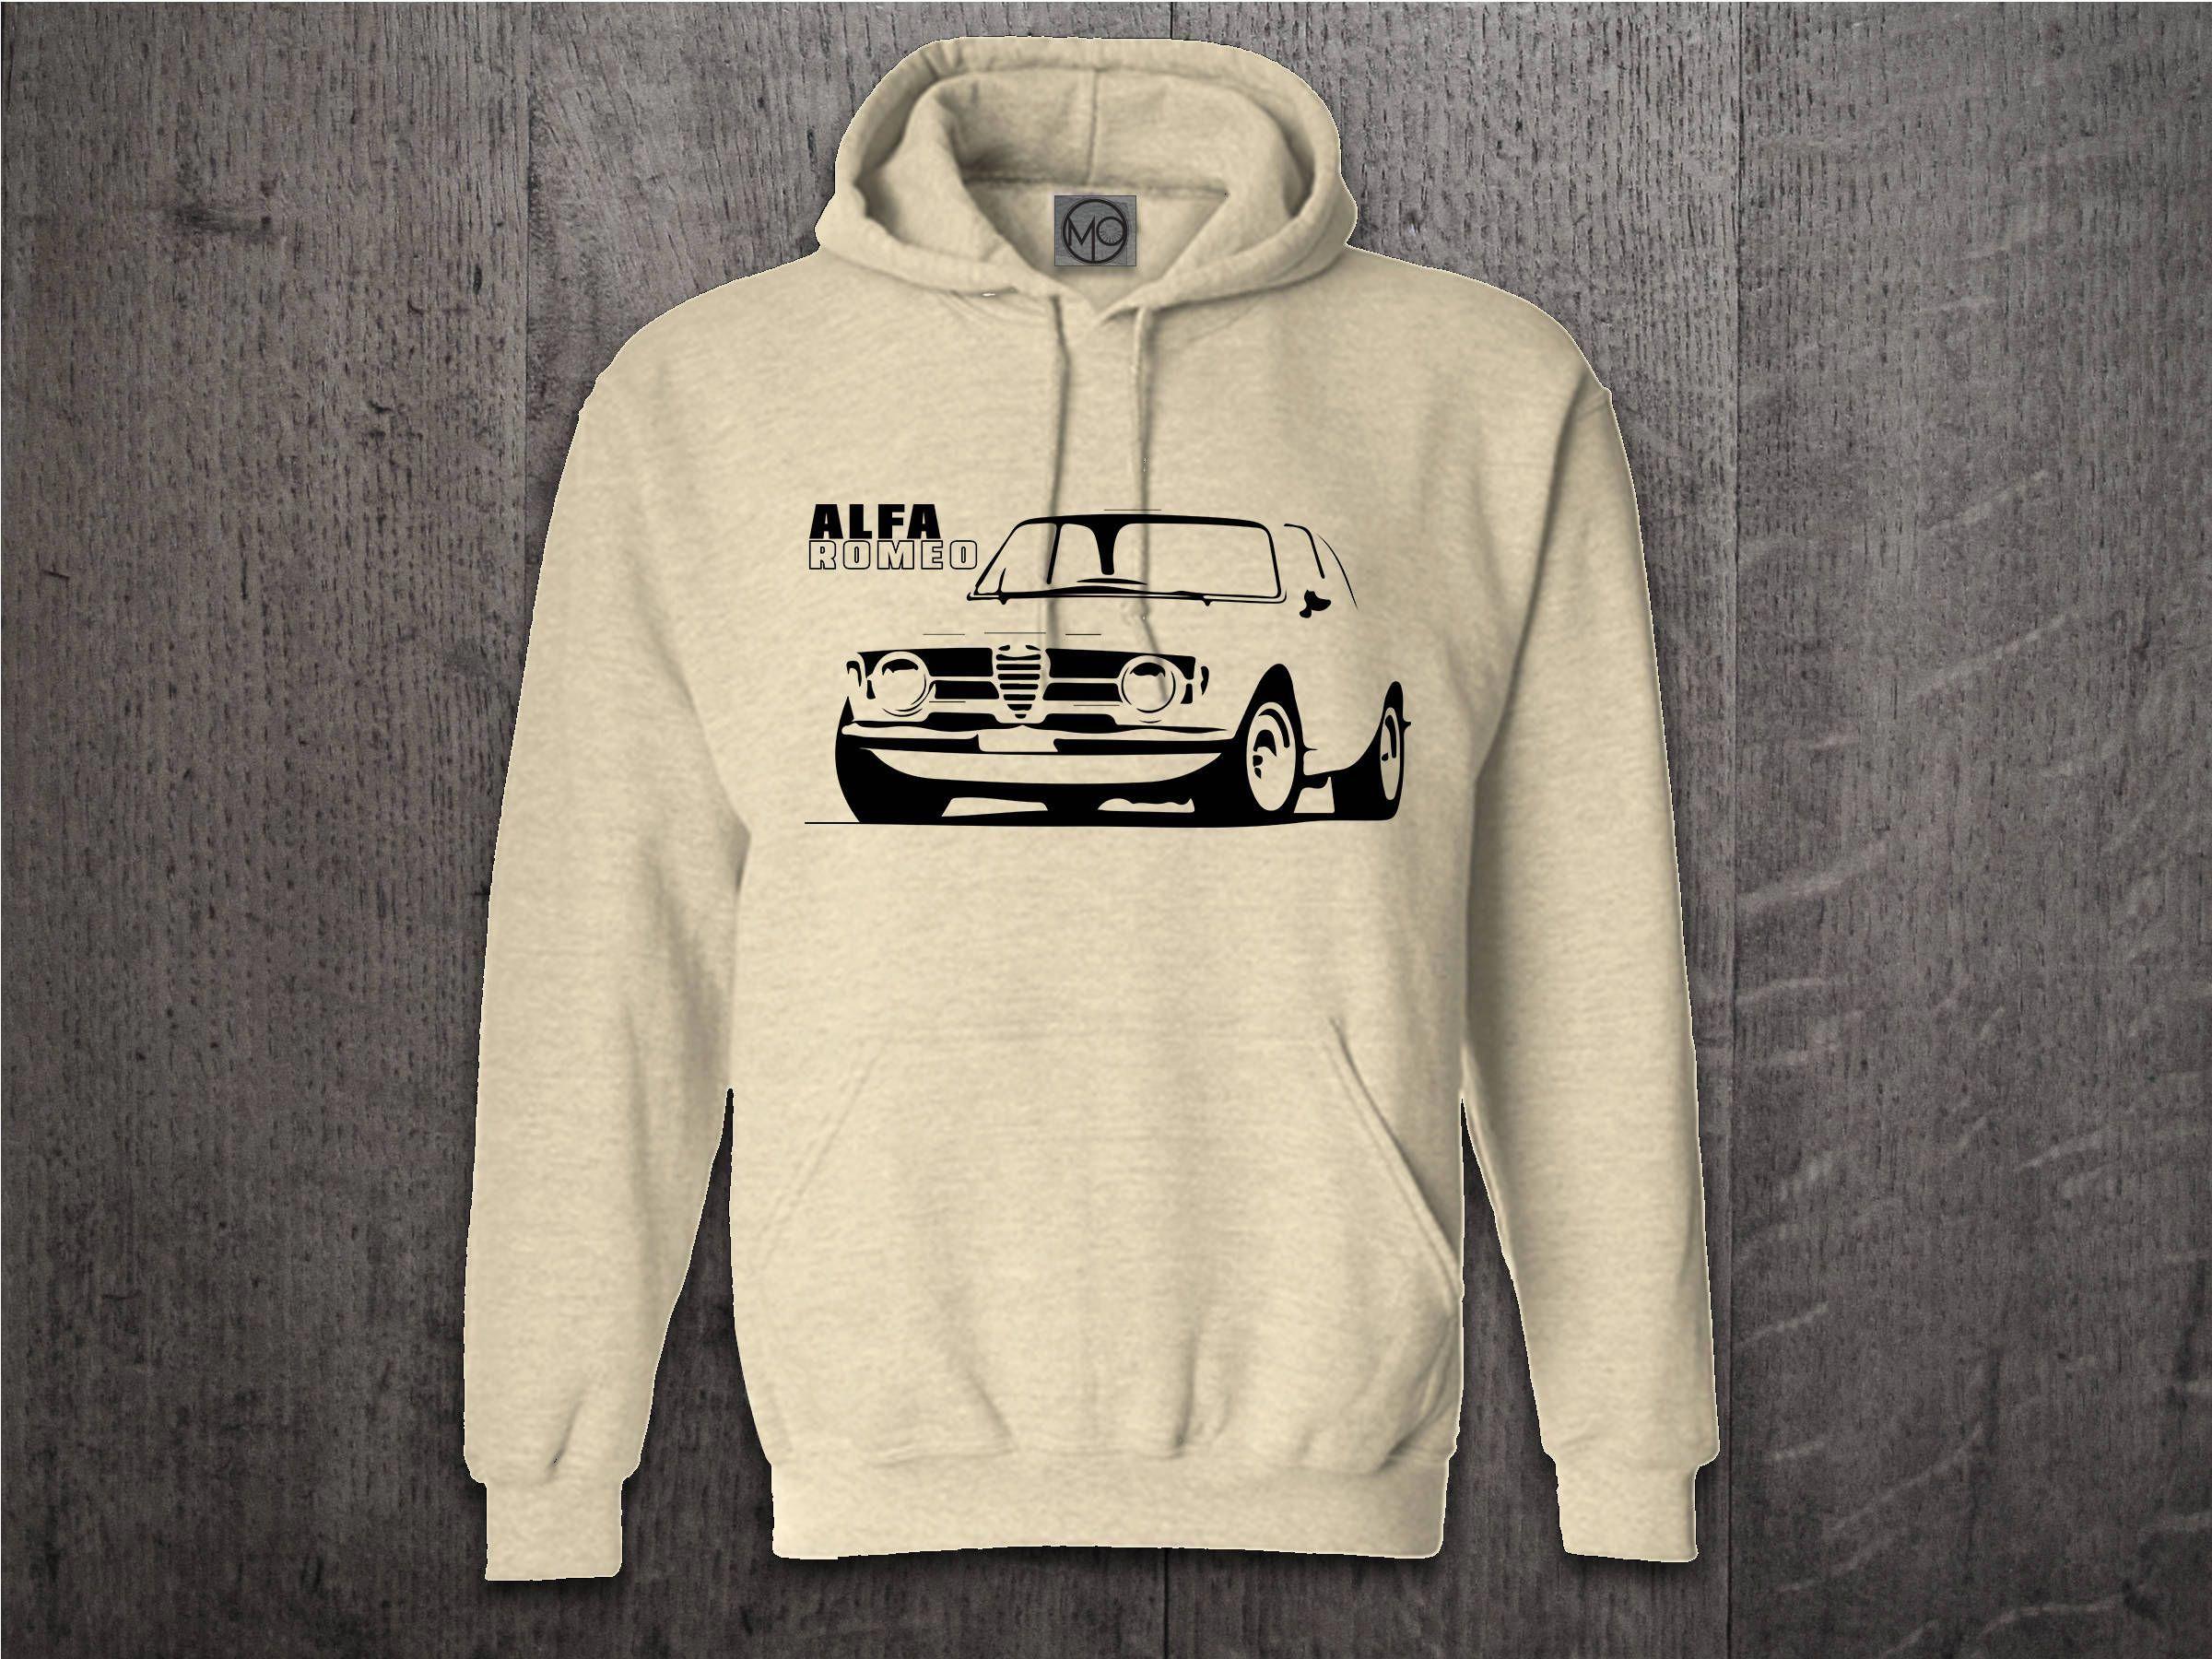 Alfa Romeo Hoodie Cars Hoodies Alfa Romeo Giulia Sweater